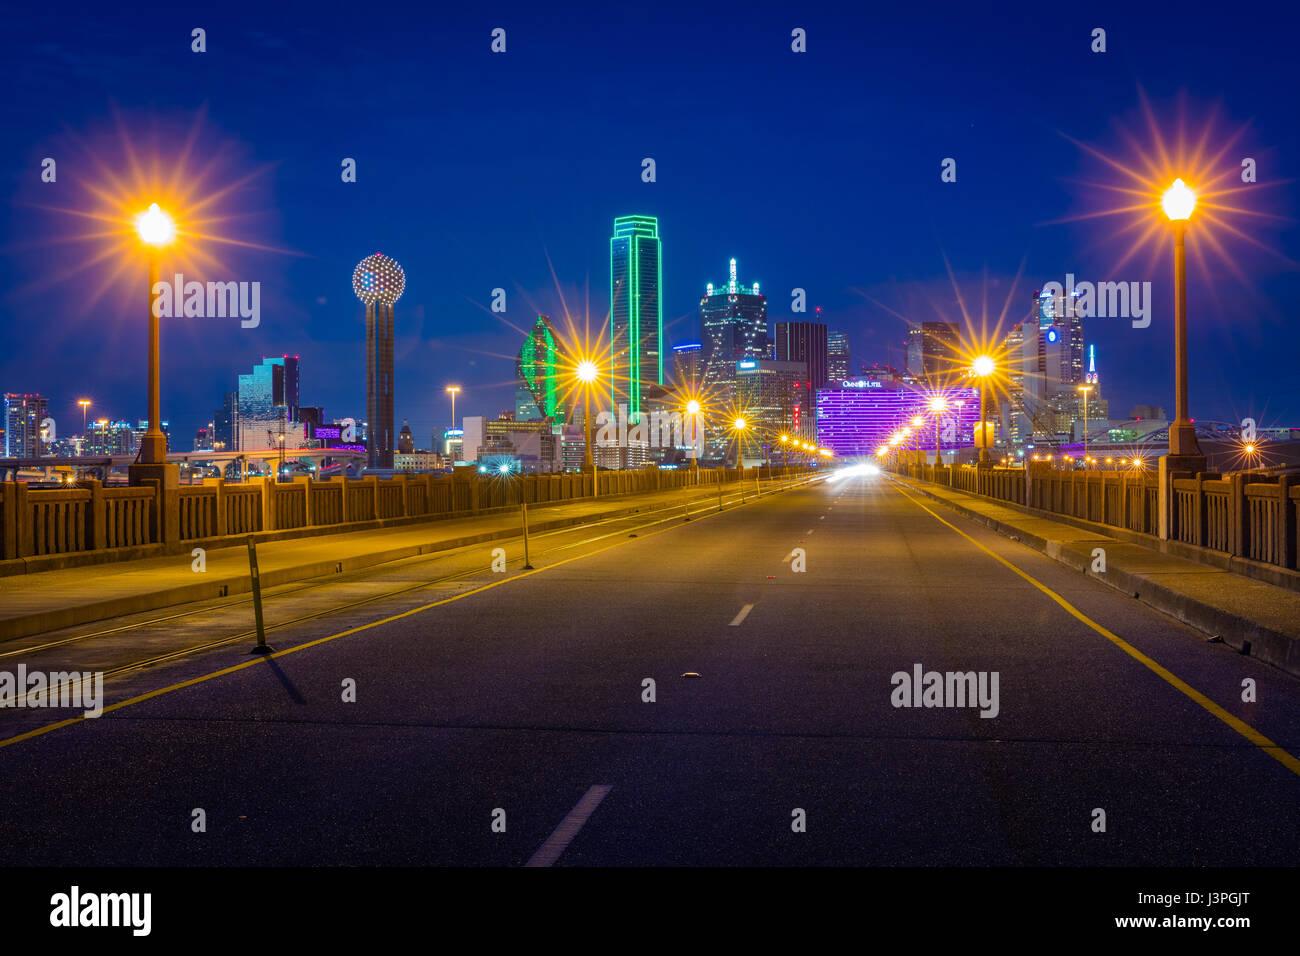 Die Margaretenbrücke Hunt Hill ist eine Brücke in Dallas, Texas, die überspannt den Trinity River Stockbild